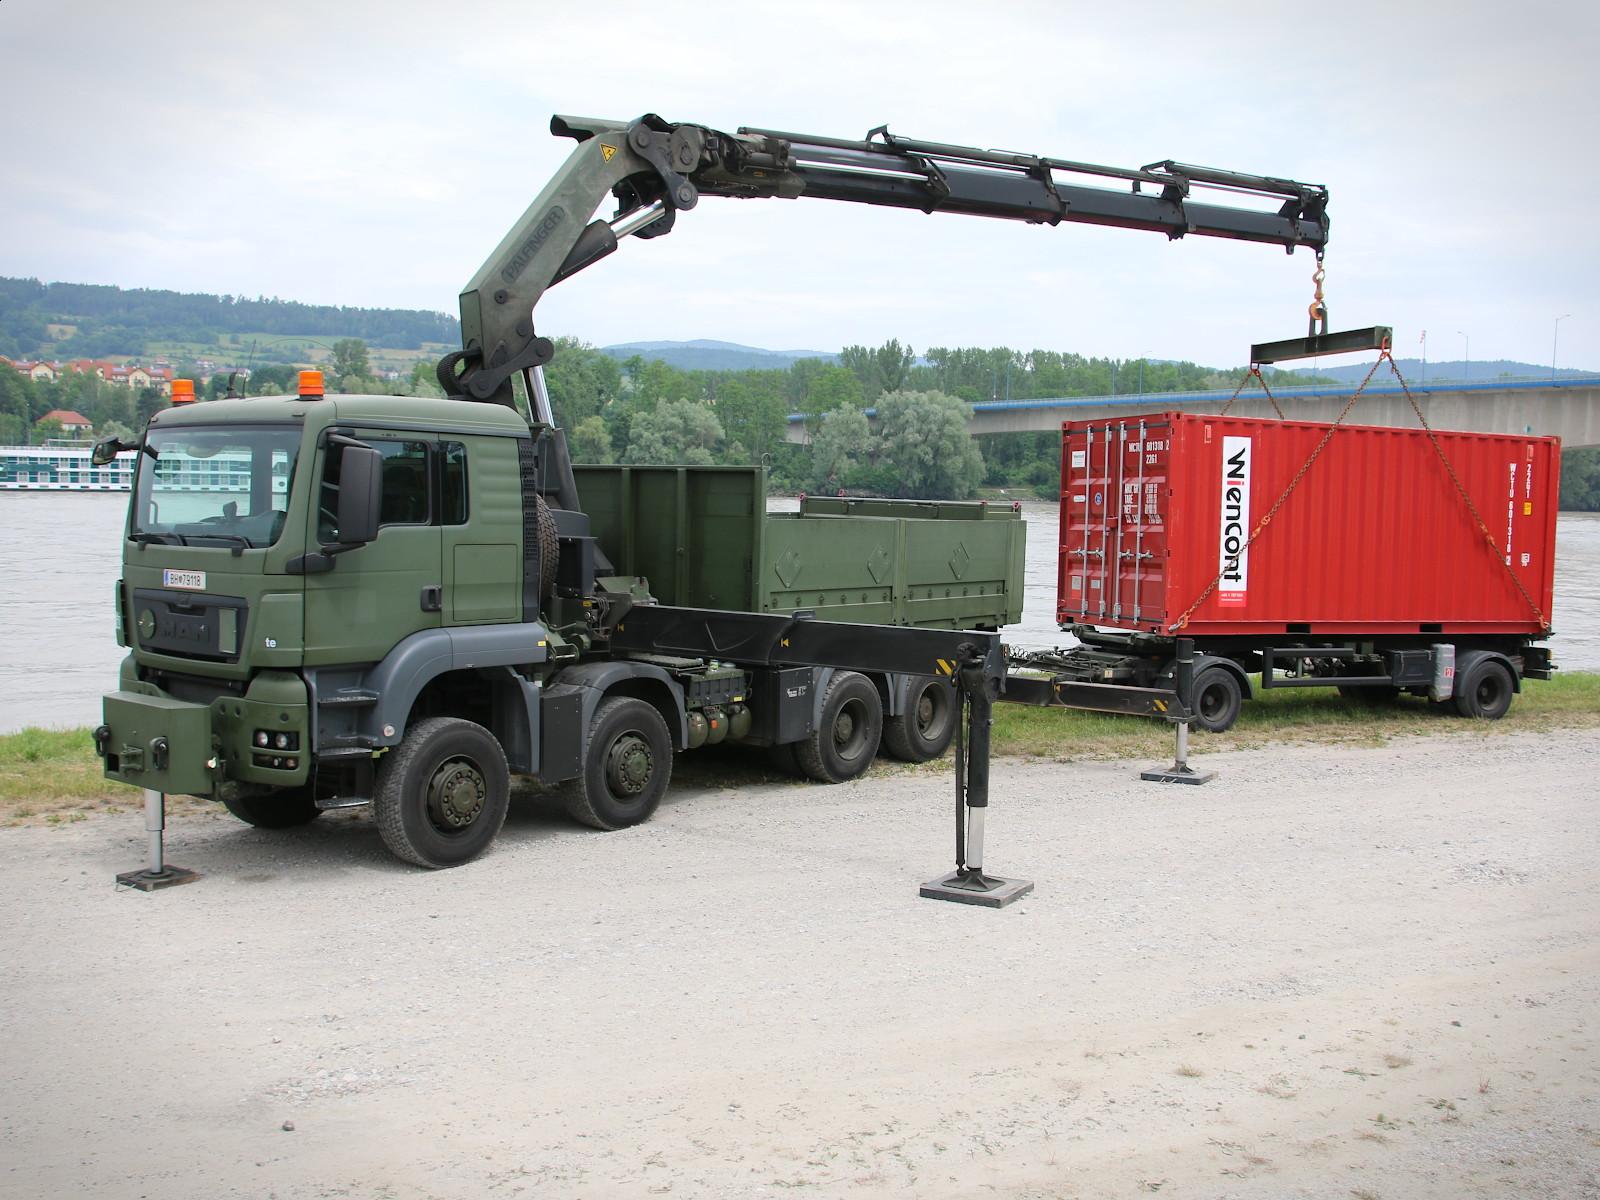 MAN TGS 41.480 8X8 mit Ladekran front PK 76.002 (76tm) mit Containeraufnahmemöglichkeit © Doppeladler.com